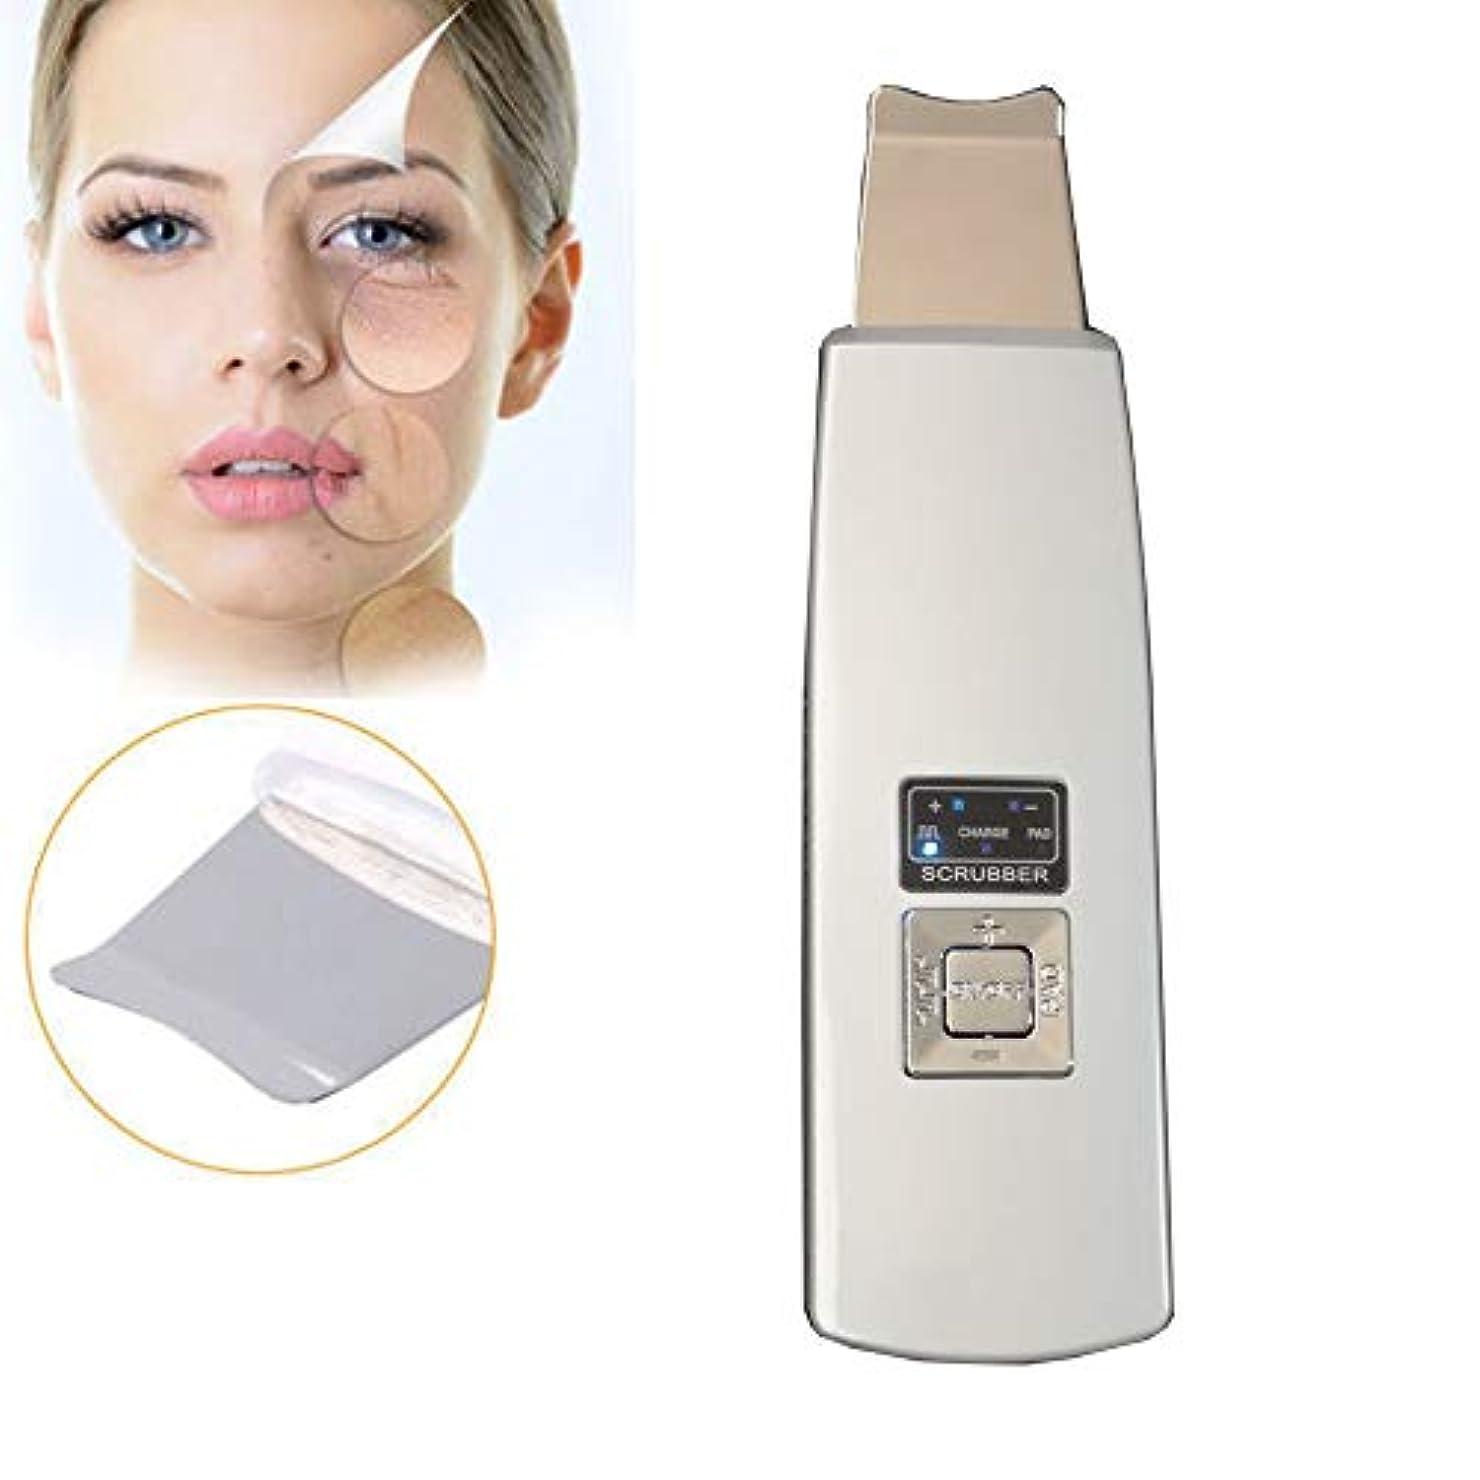 非常に怒っています鍔不正確顔の皮膚のスクラバー、ポータブル?フェイシャル超音波超音波イオンスキンケアスクラバーデバイス美容機は、ブラックヘッド面皰死んだ皮膚の除去を削除する方法